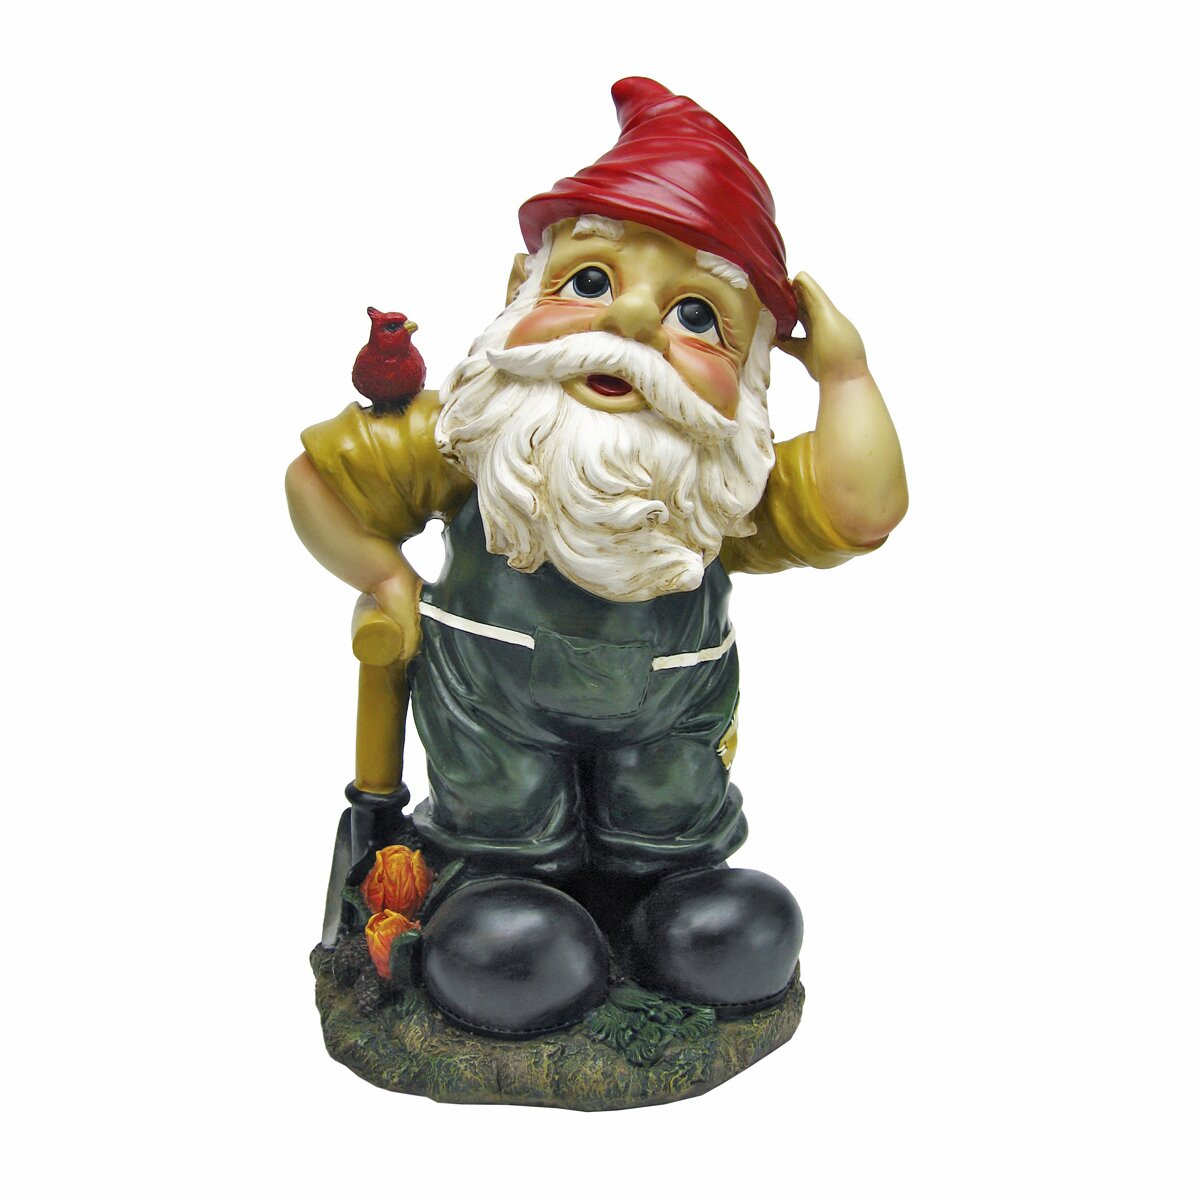 Gnome Garden: Design Toscano Dieter, The Digger Garden Gnome Statue